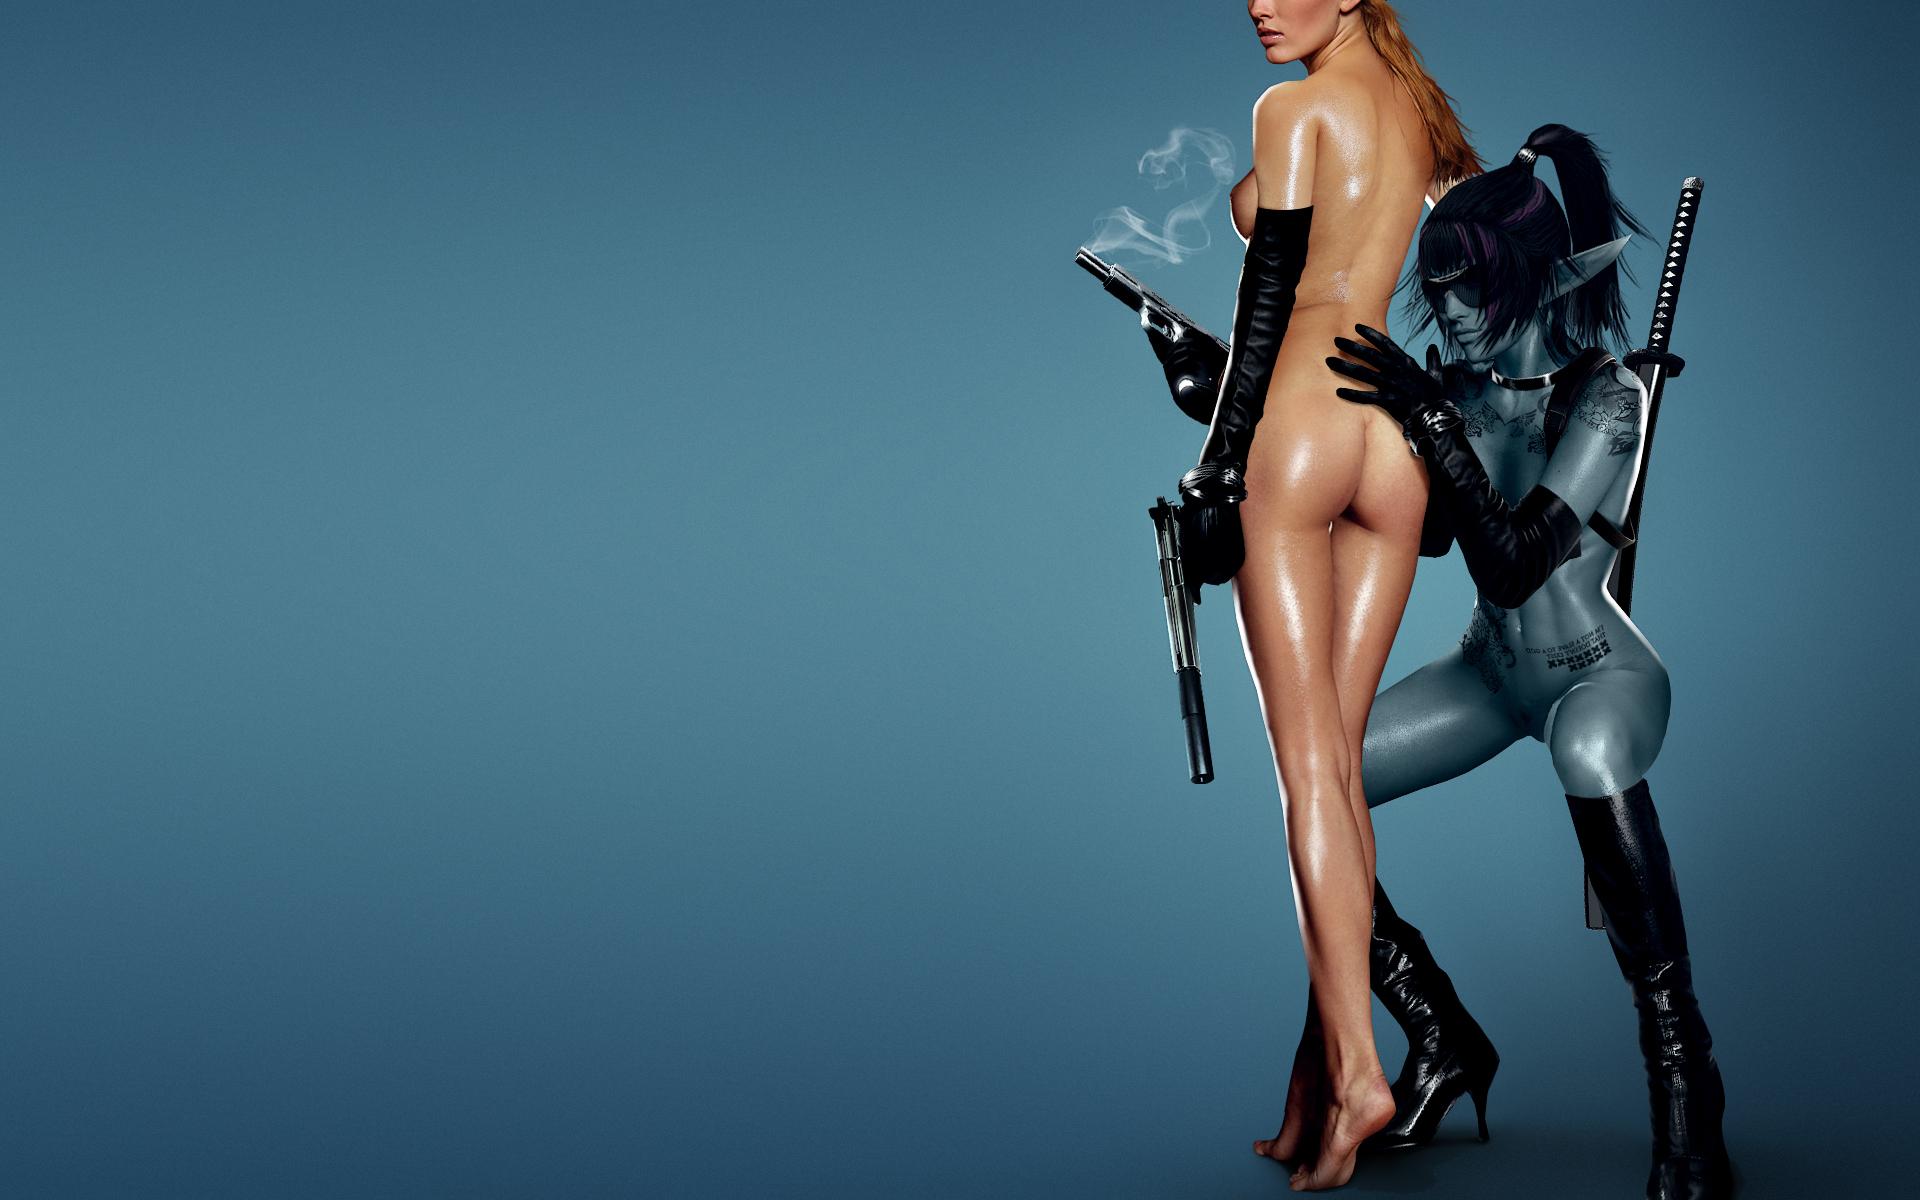 Фото голых девушек с танками 14 фотография